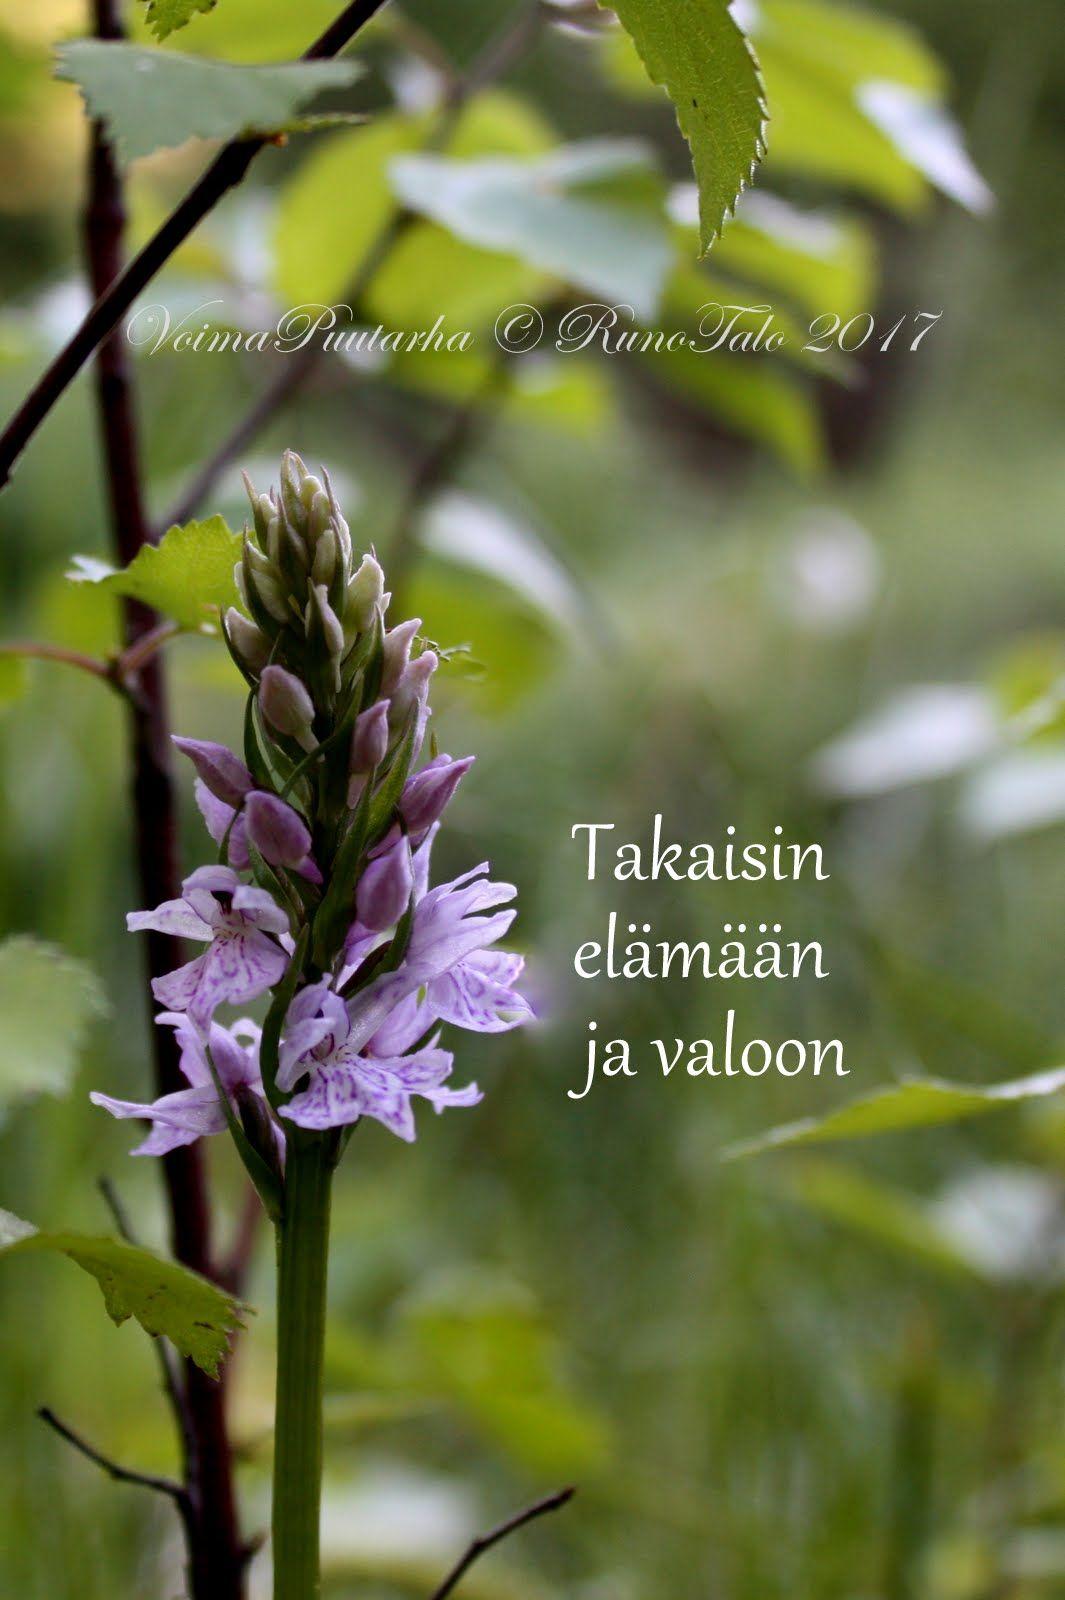 voimakortti Takaisin elämään ja valoon - maariankämmekkä voimametsän lammella Runotalon tontin läheisyydessä